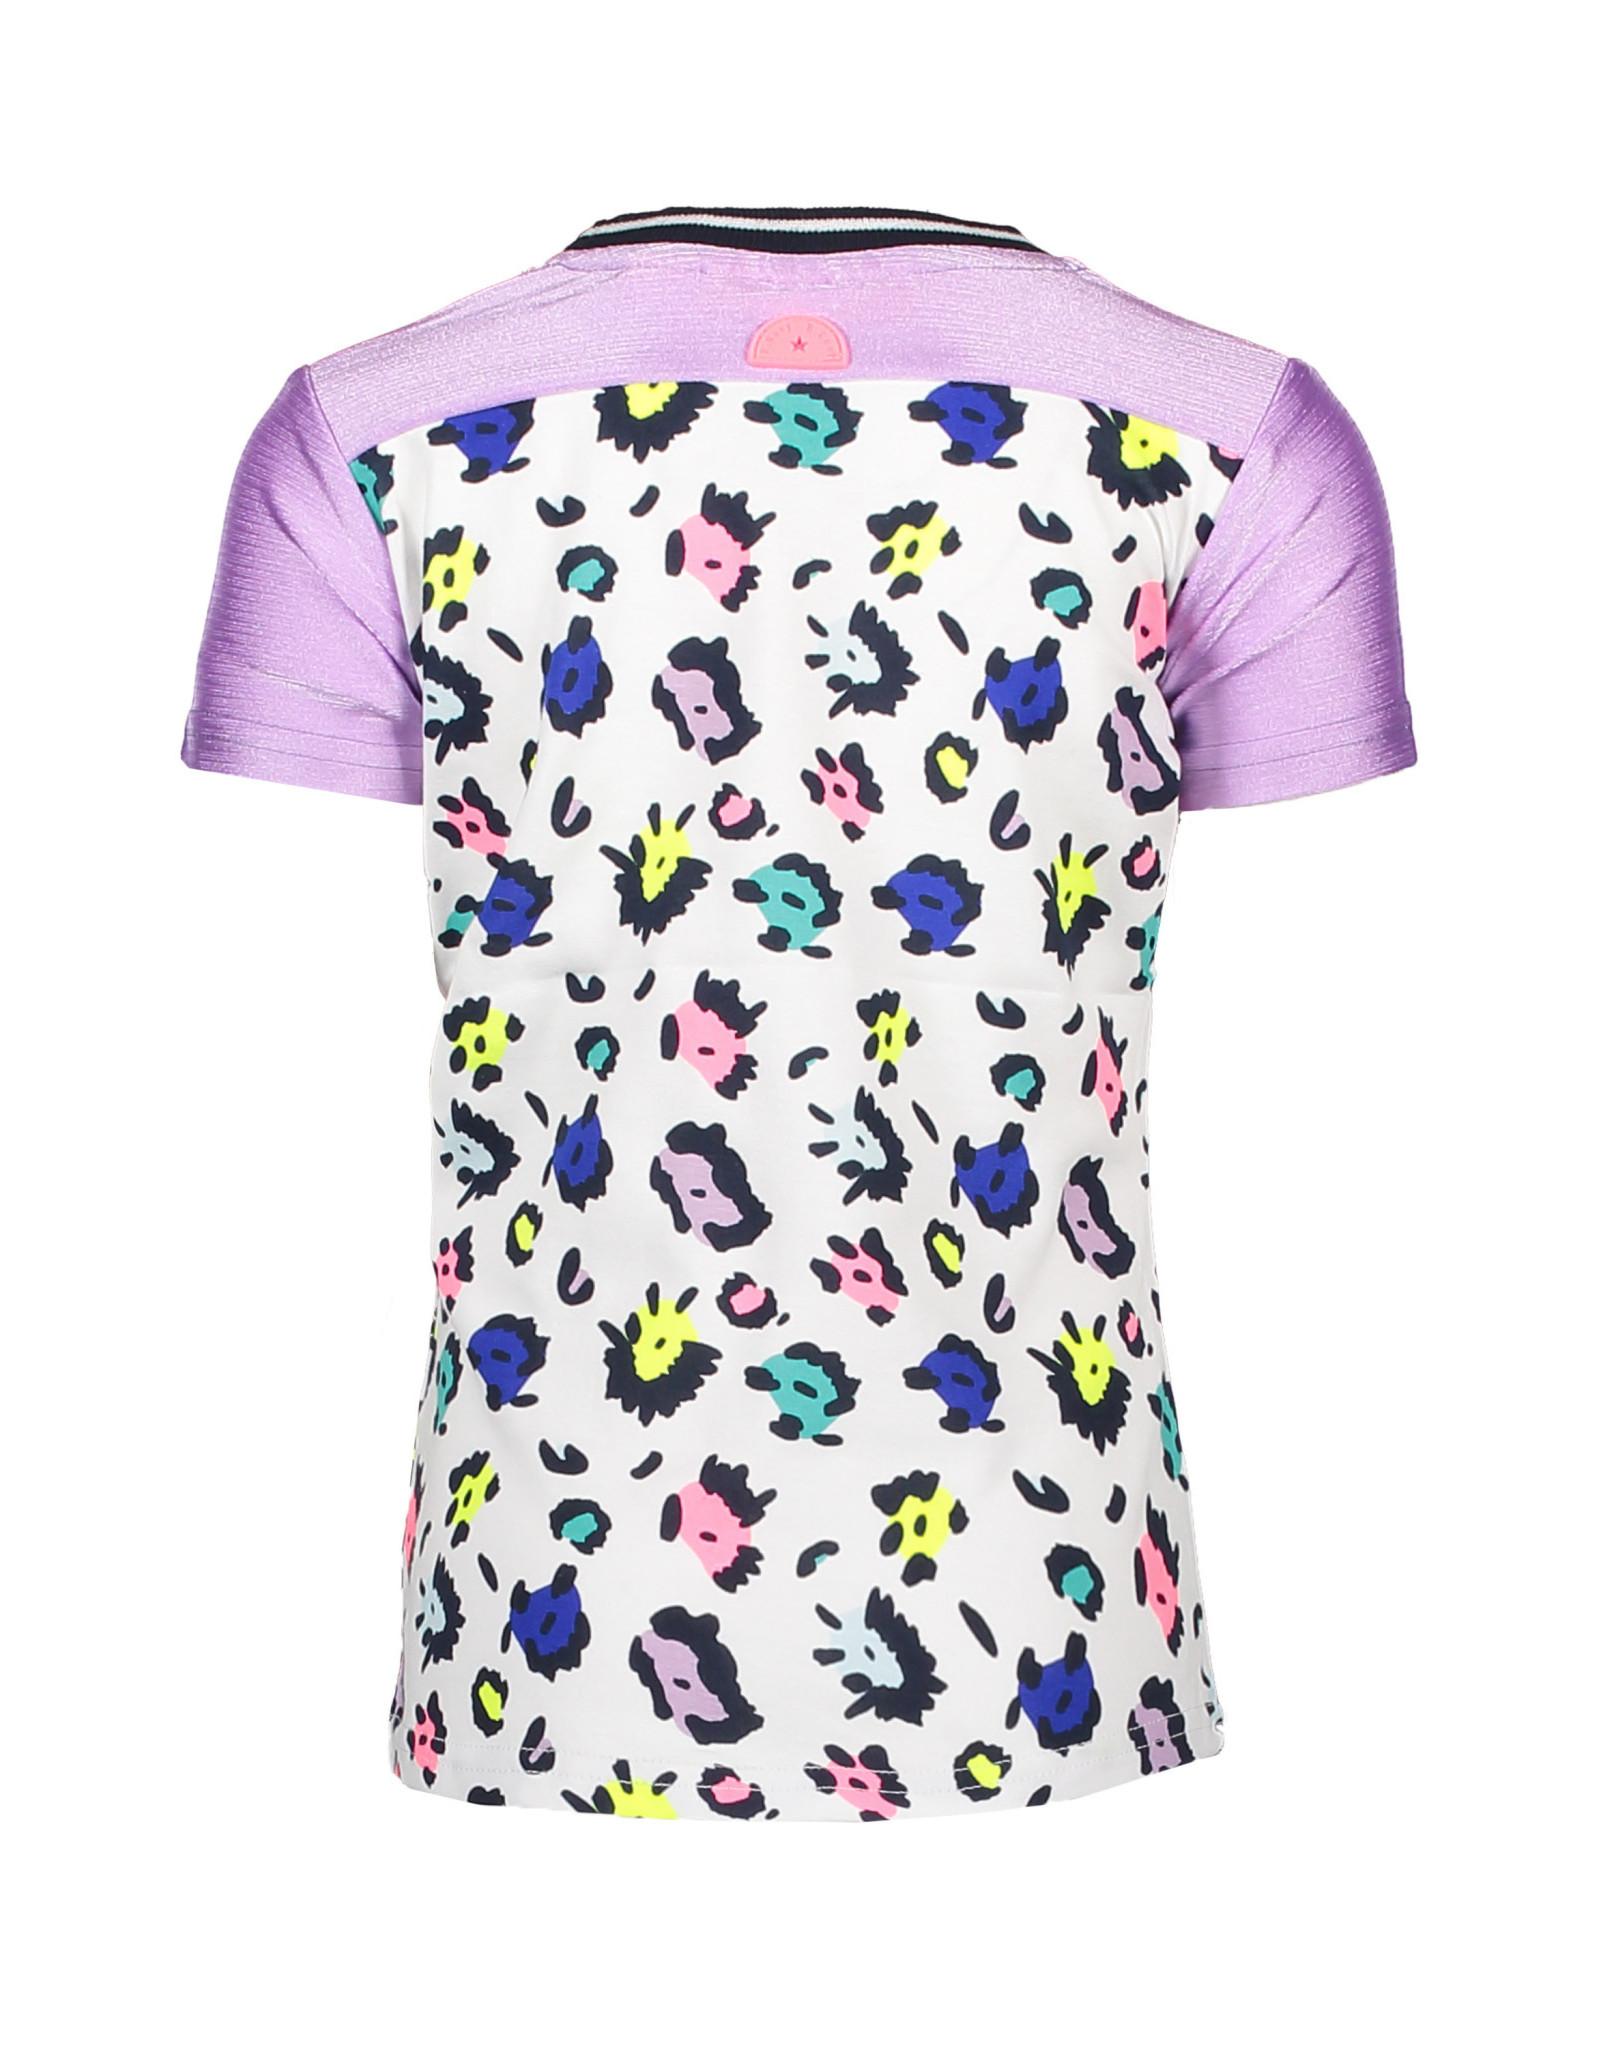 B.Nosy B.Nosy meisjes t-shirt met gekleurde pantervlekken